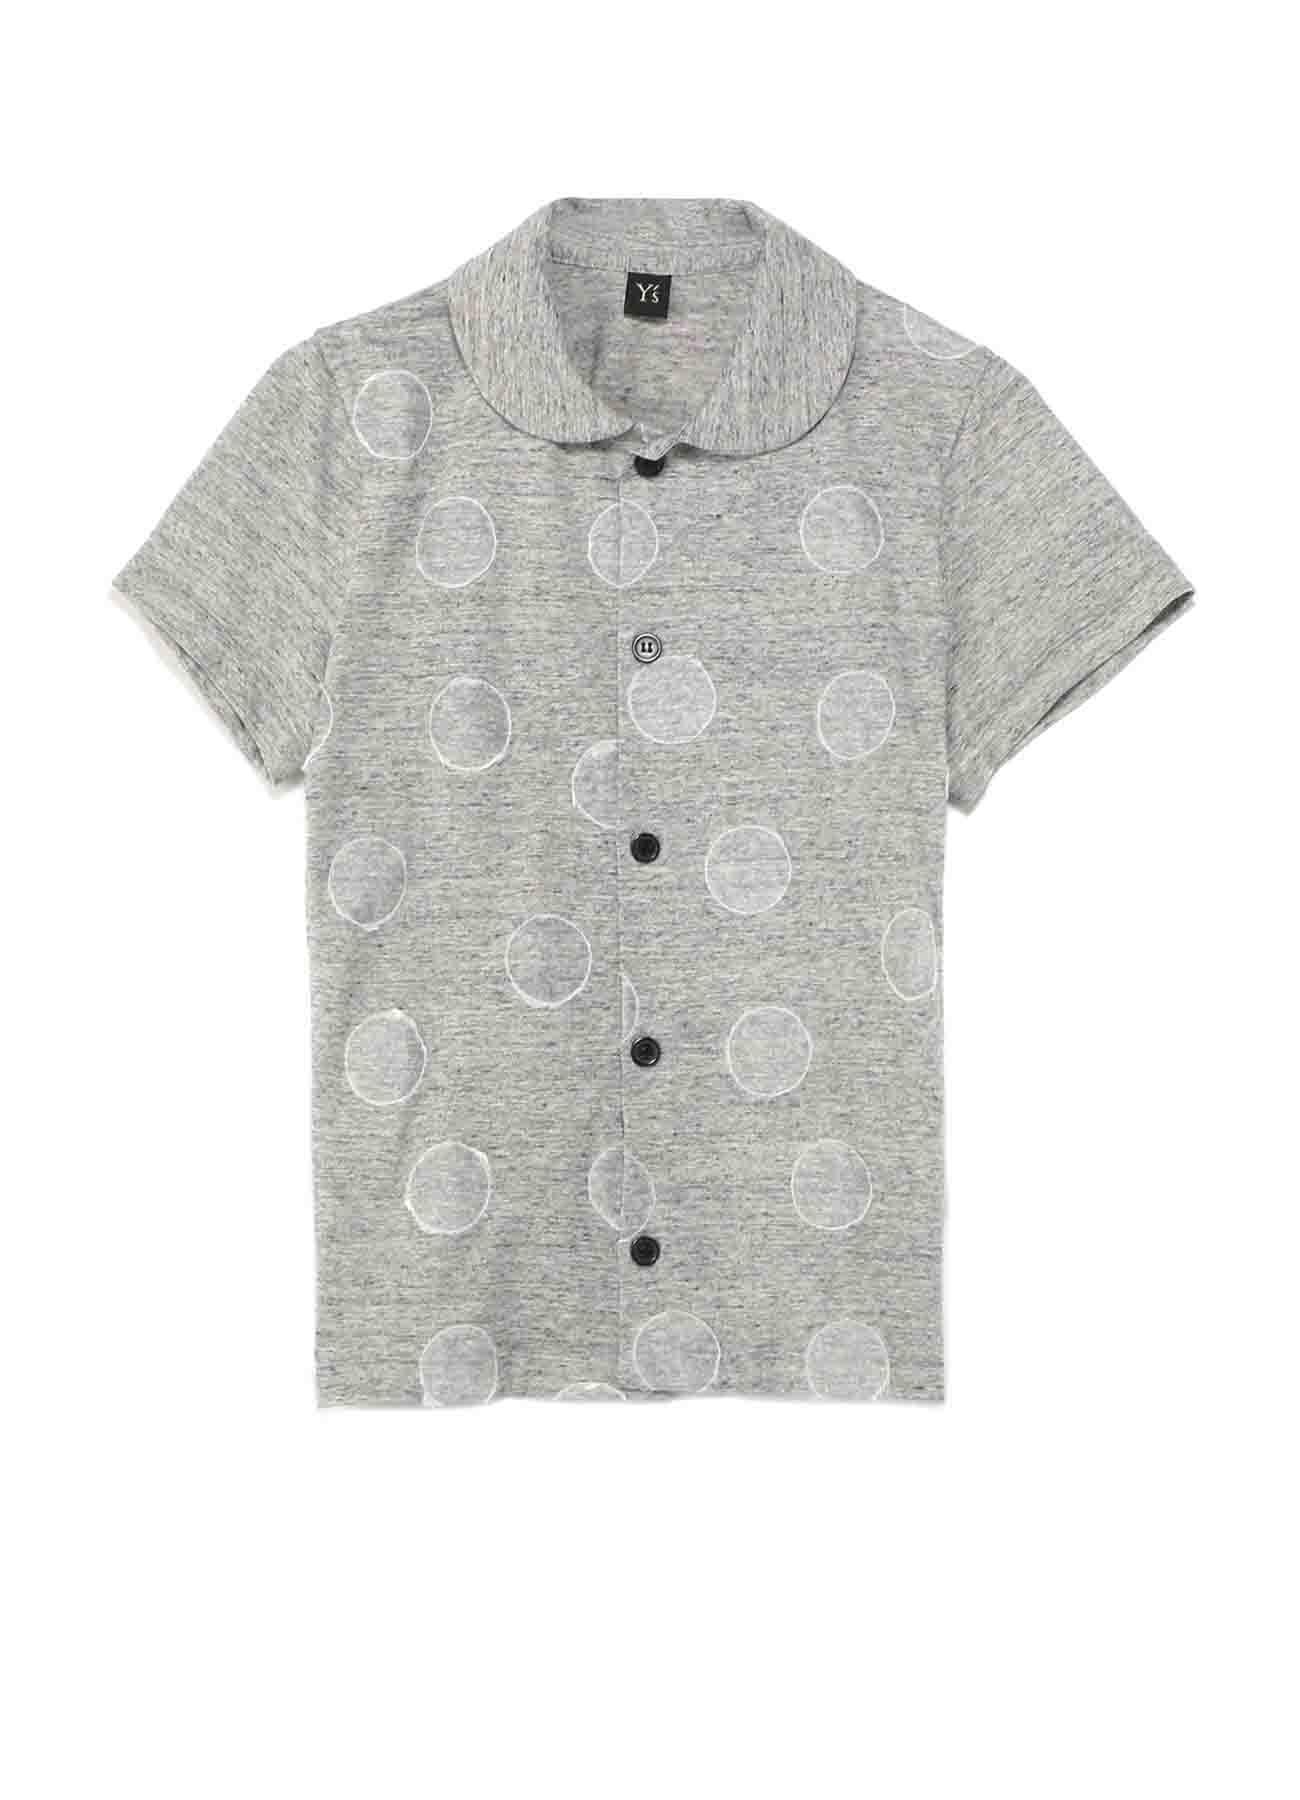 コットン天竺和紙水玉プリント 丸襟半袖Tシャツ